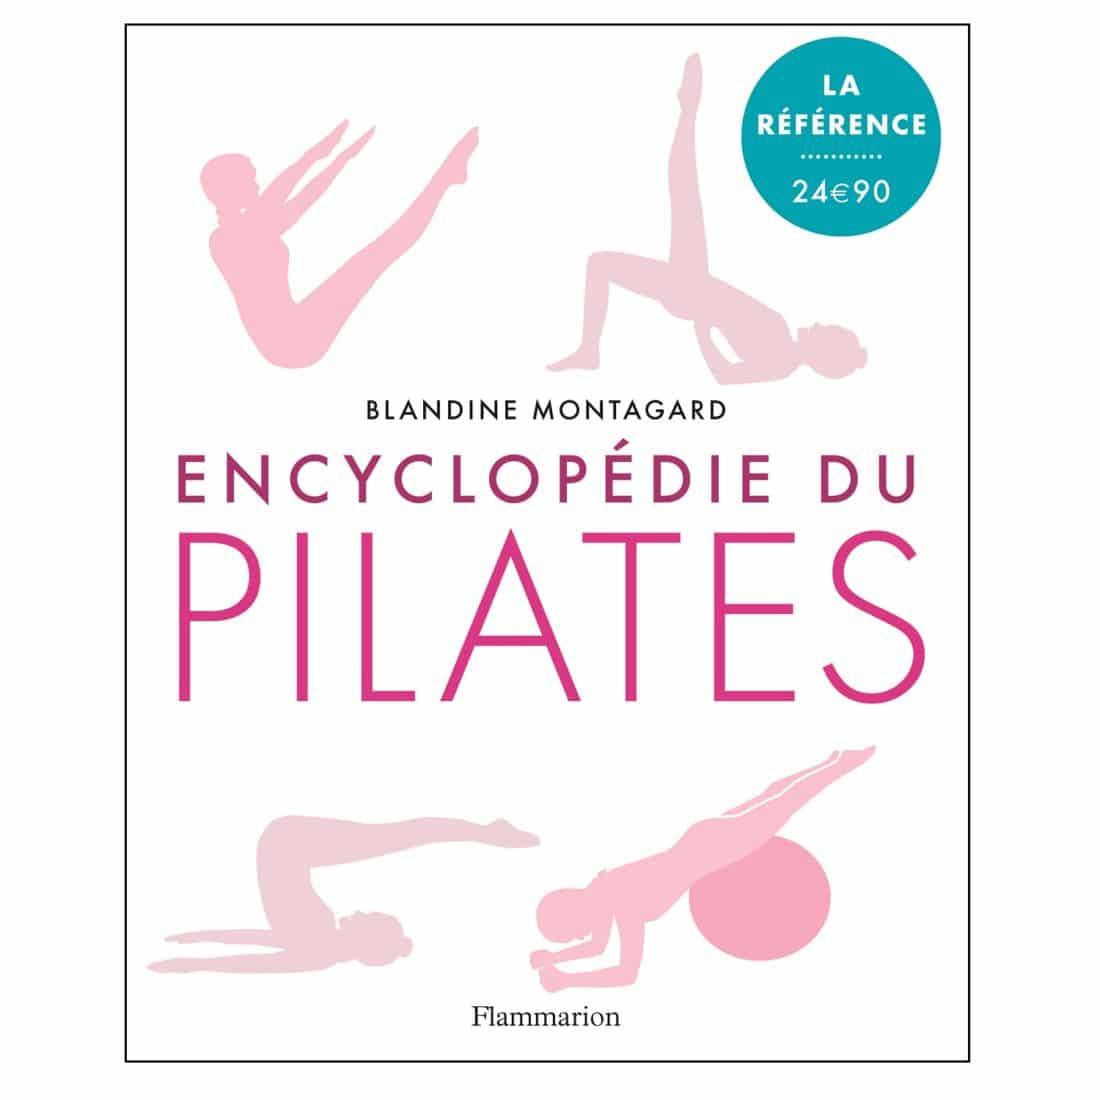 Encyclopédie du Pilates de Blandine Montagard pour découvrir l'histoire du Pilates, les exercices, les équipements - Stelvoren